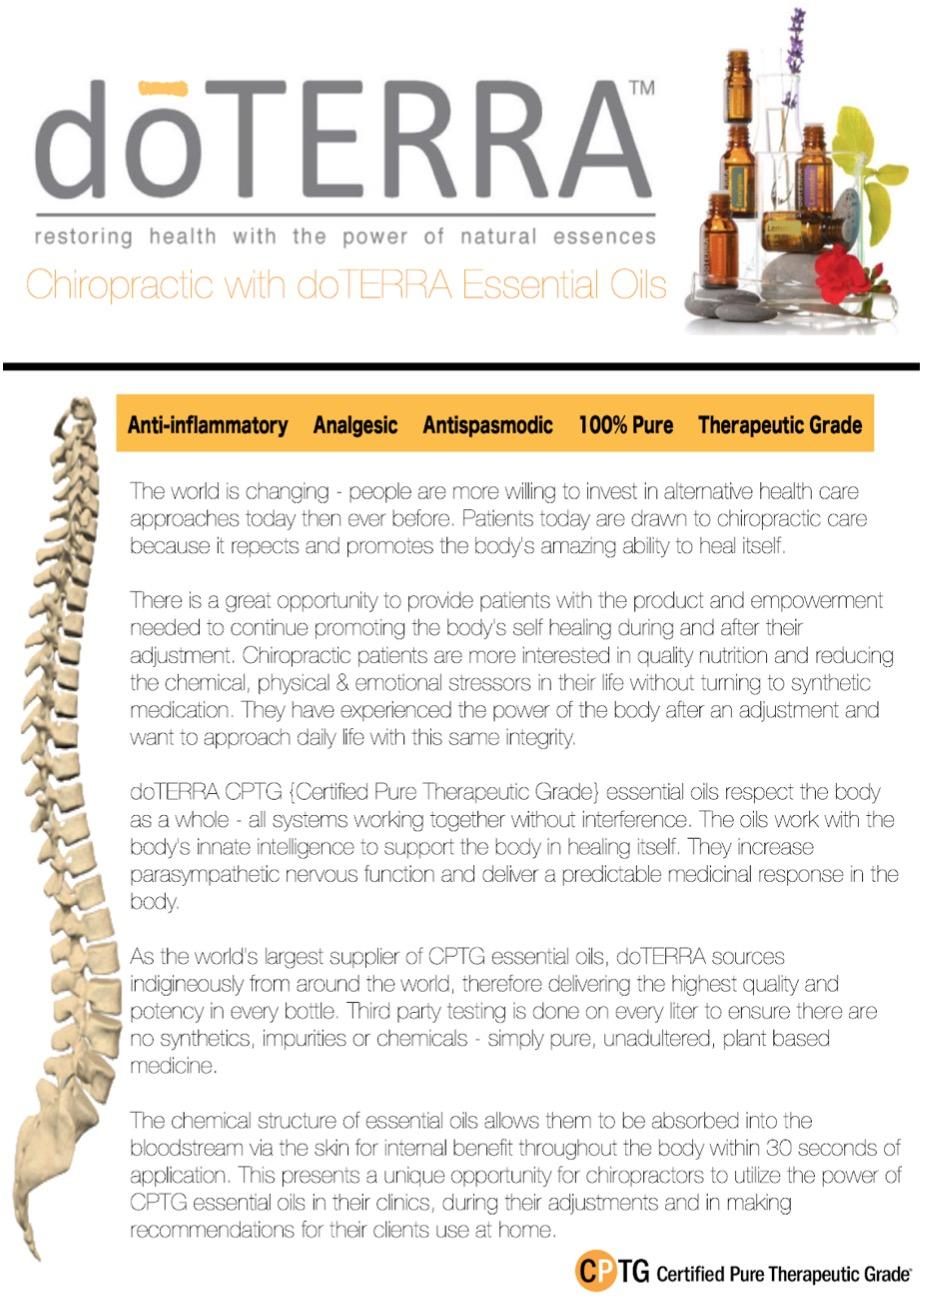 doterra chiropractors